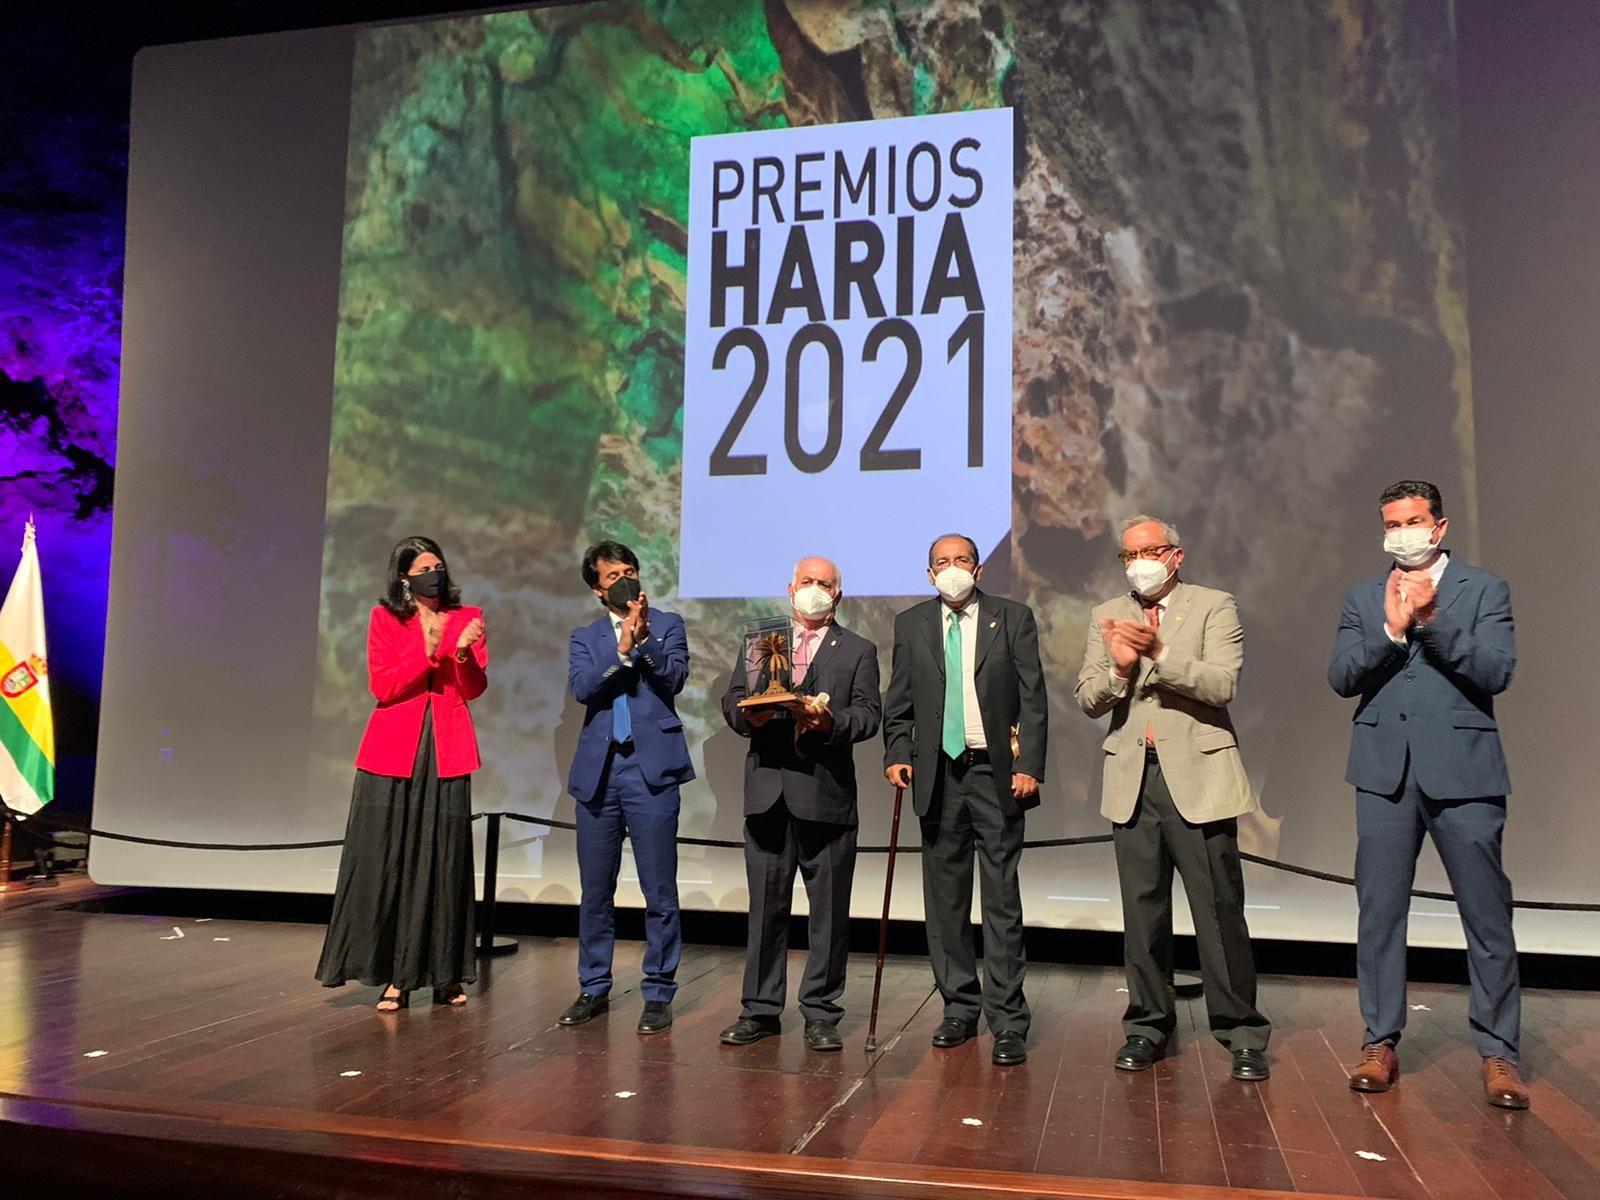 Premios Haría 2021